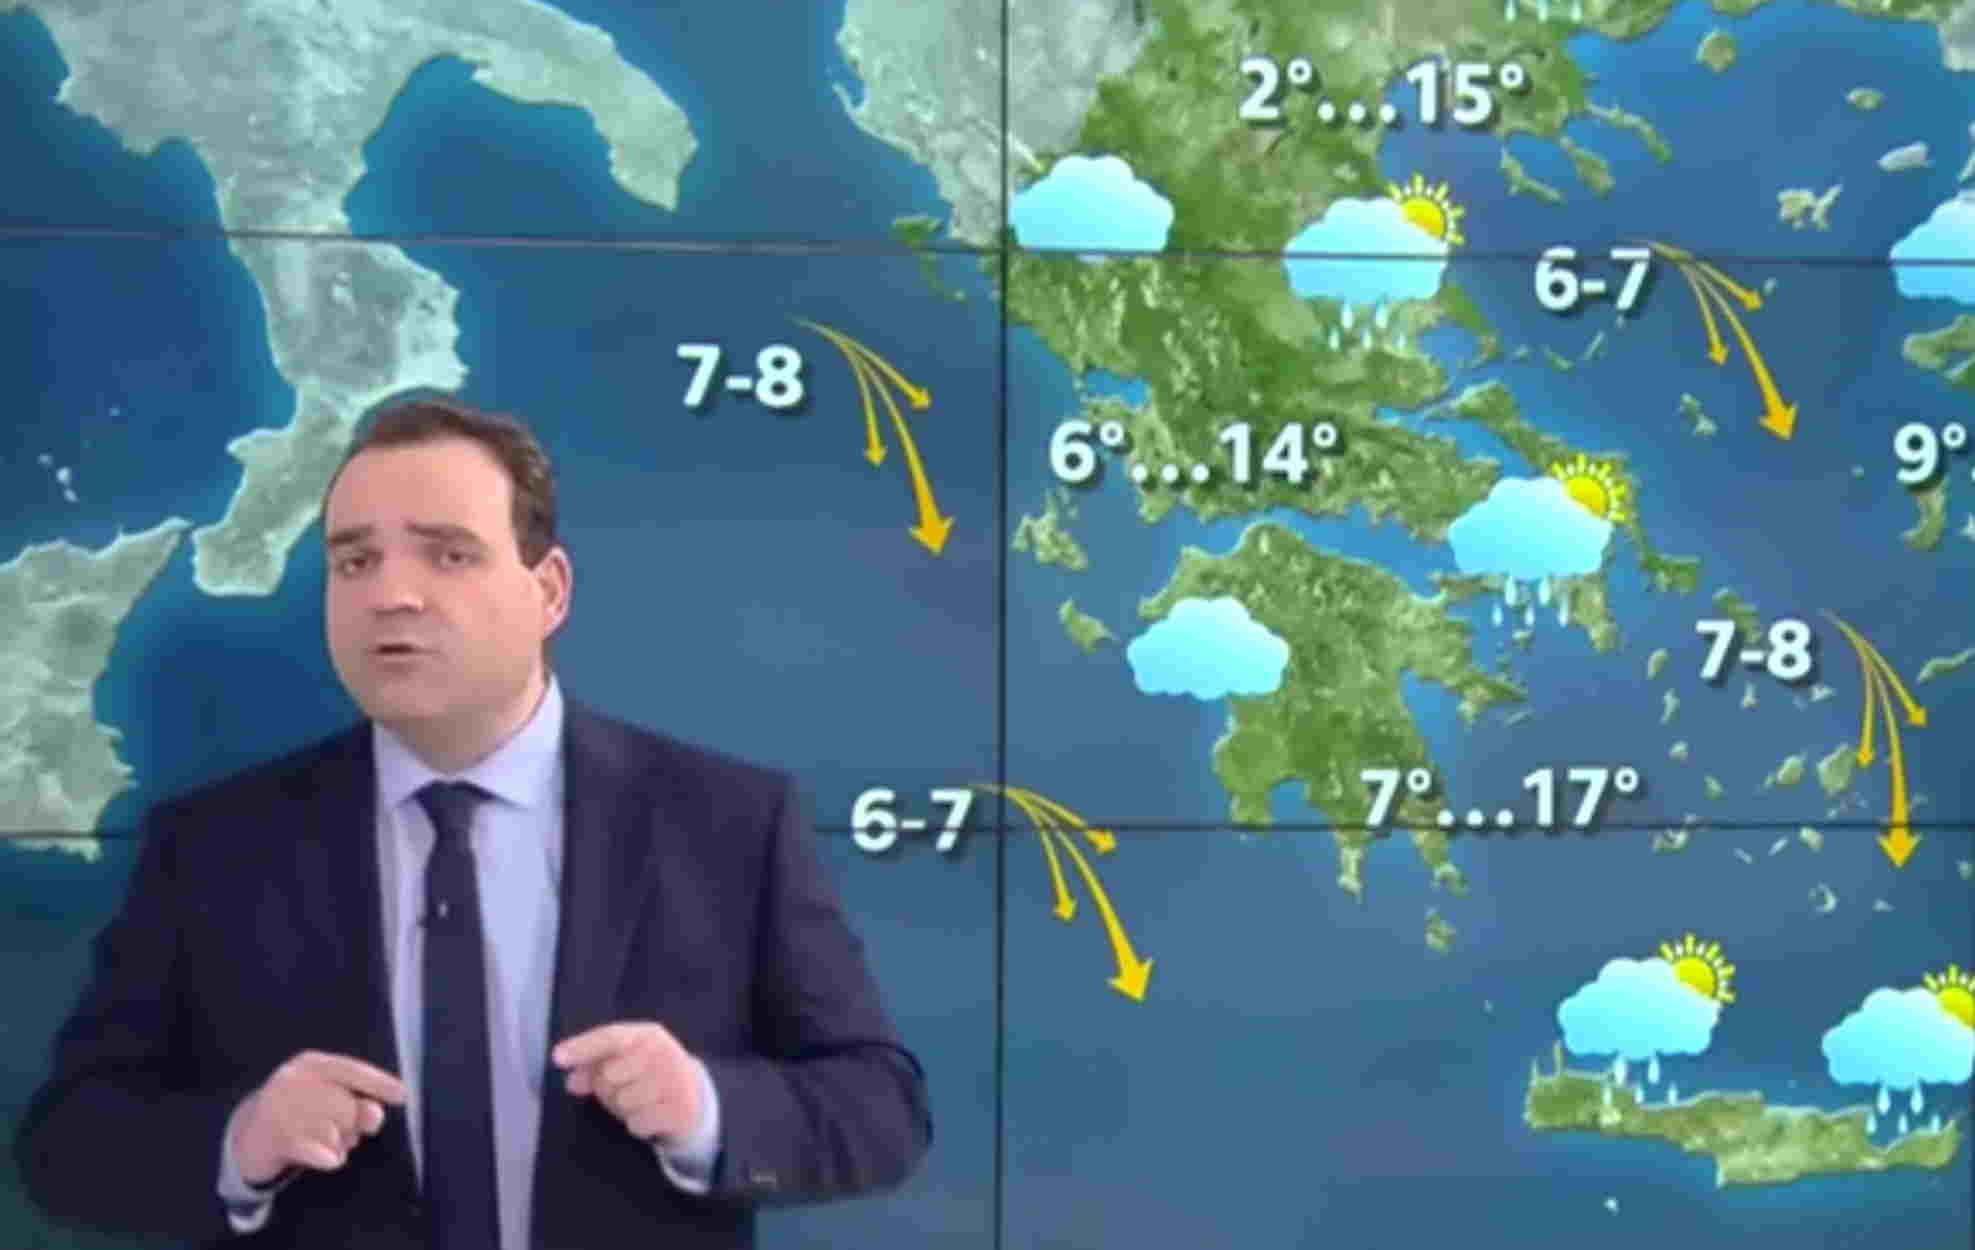 Καιρός Καθαράς Δευτέρας – Μαρουσάκης: Που θα βρέξει τις επόμενες ώρες